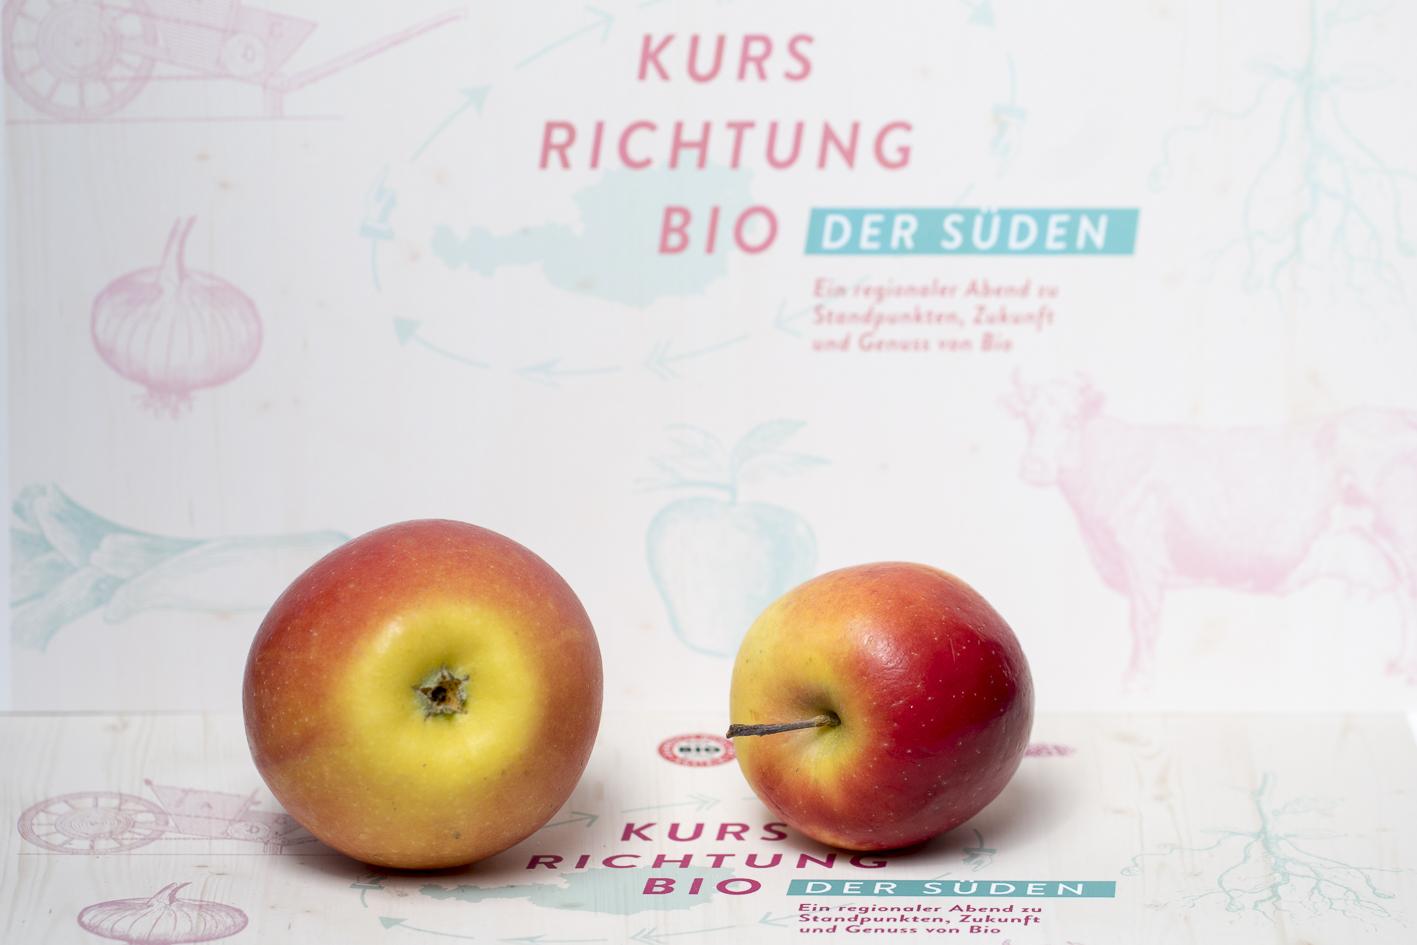 Kurs Richtung Bio Der Süden, Verkostung, Bio-Apfel Kanzi und Rockit